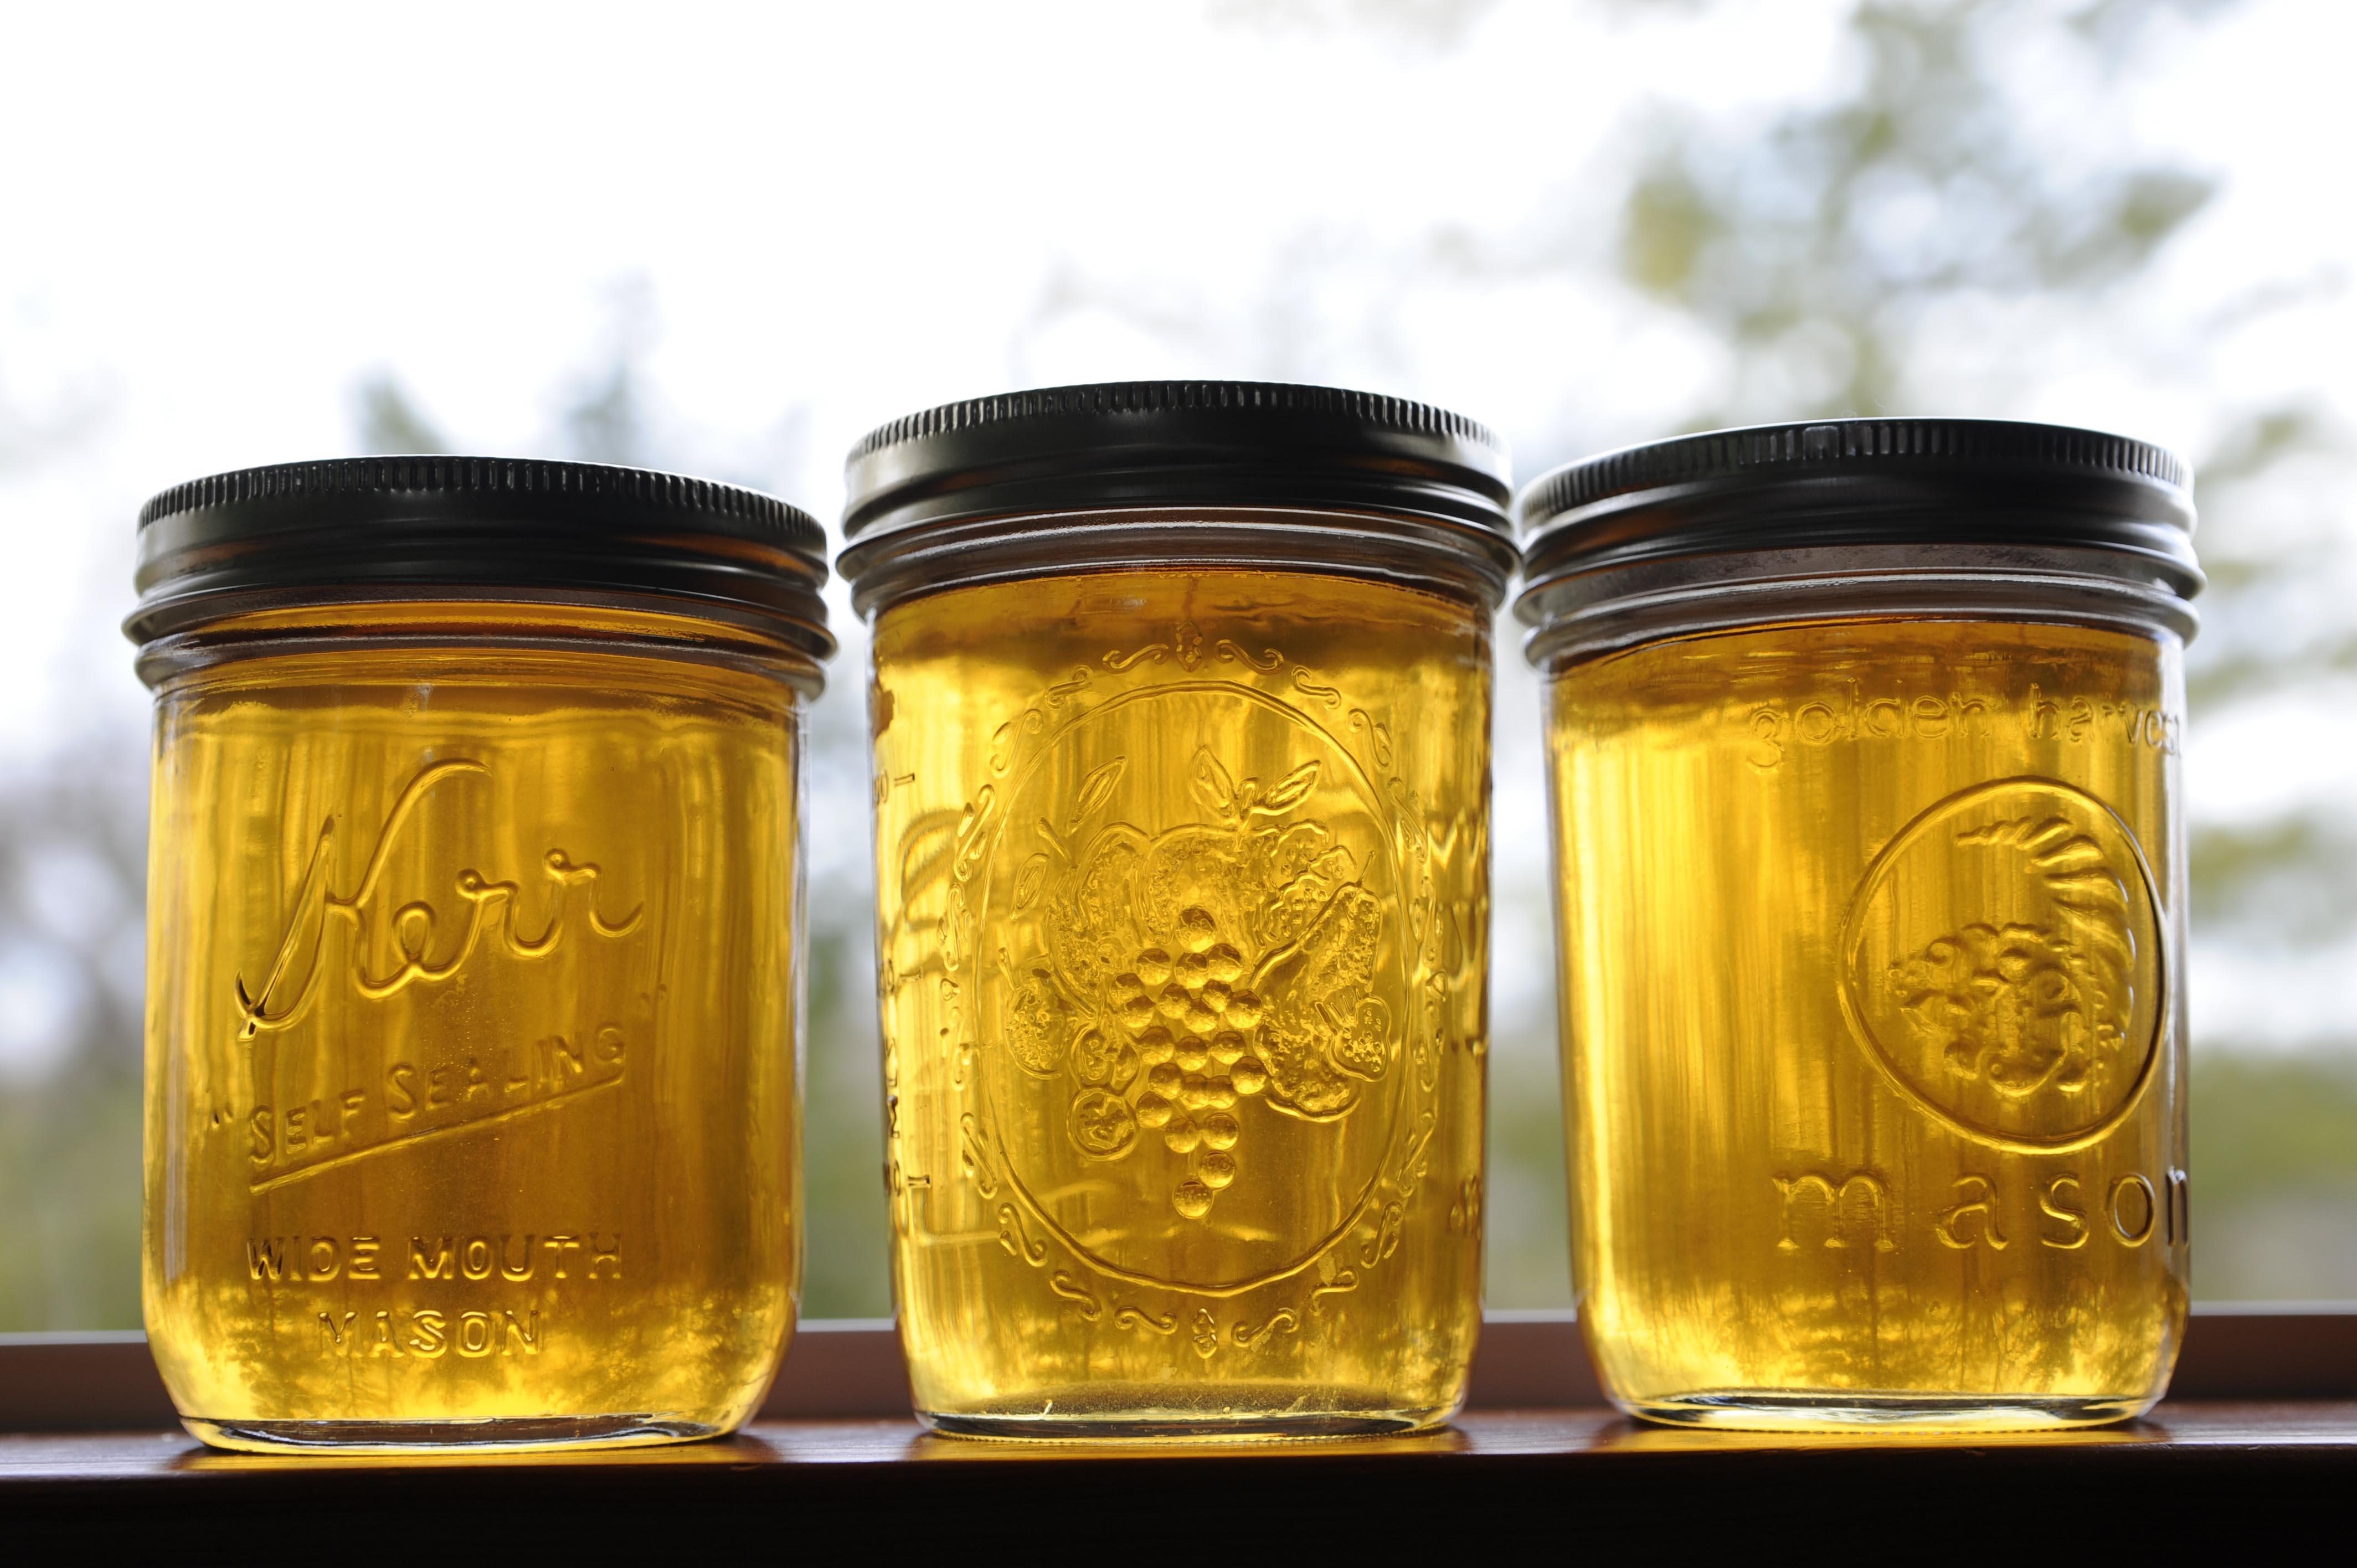 iihkisaminki 'maple syrup' in a window